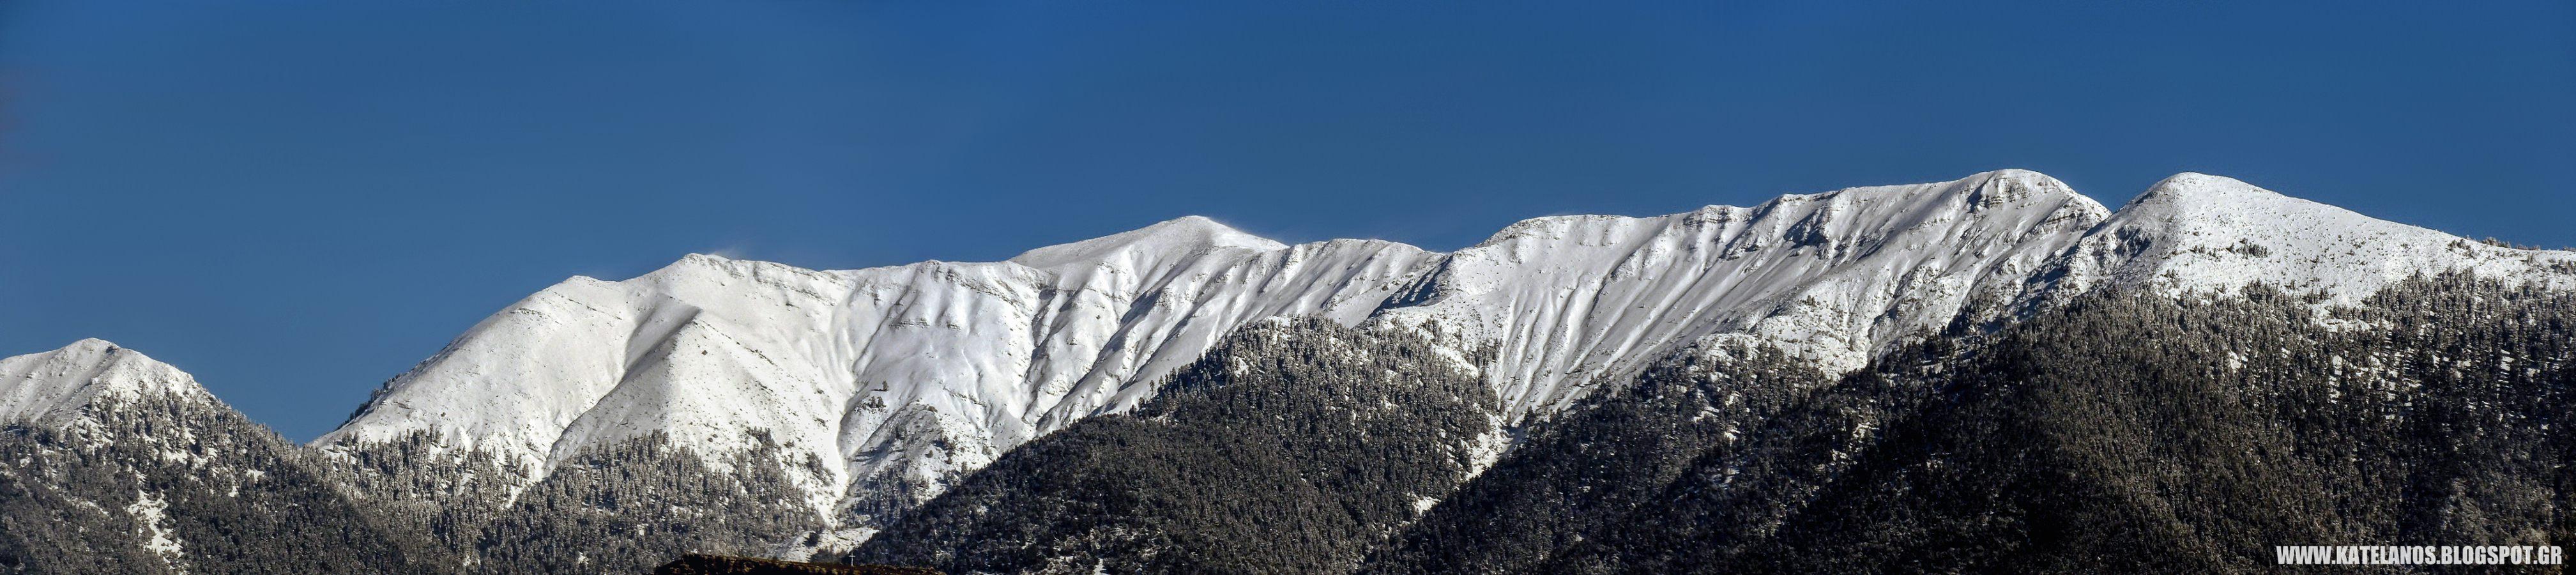 παναιτωλικο ορος χιονια αγρινιο βουνα αιτωλοακαρνανιας